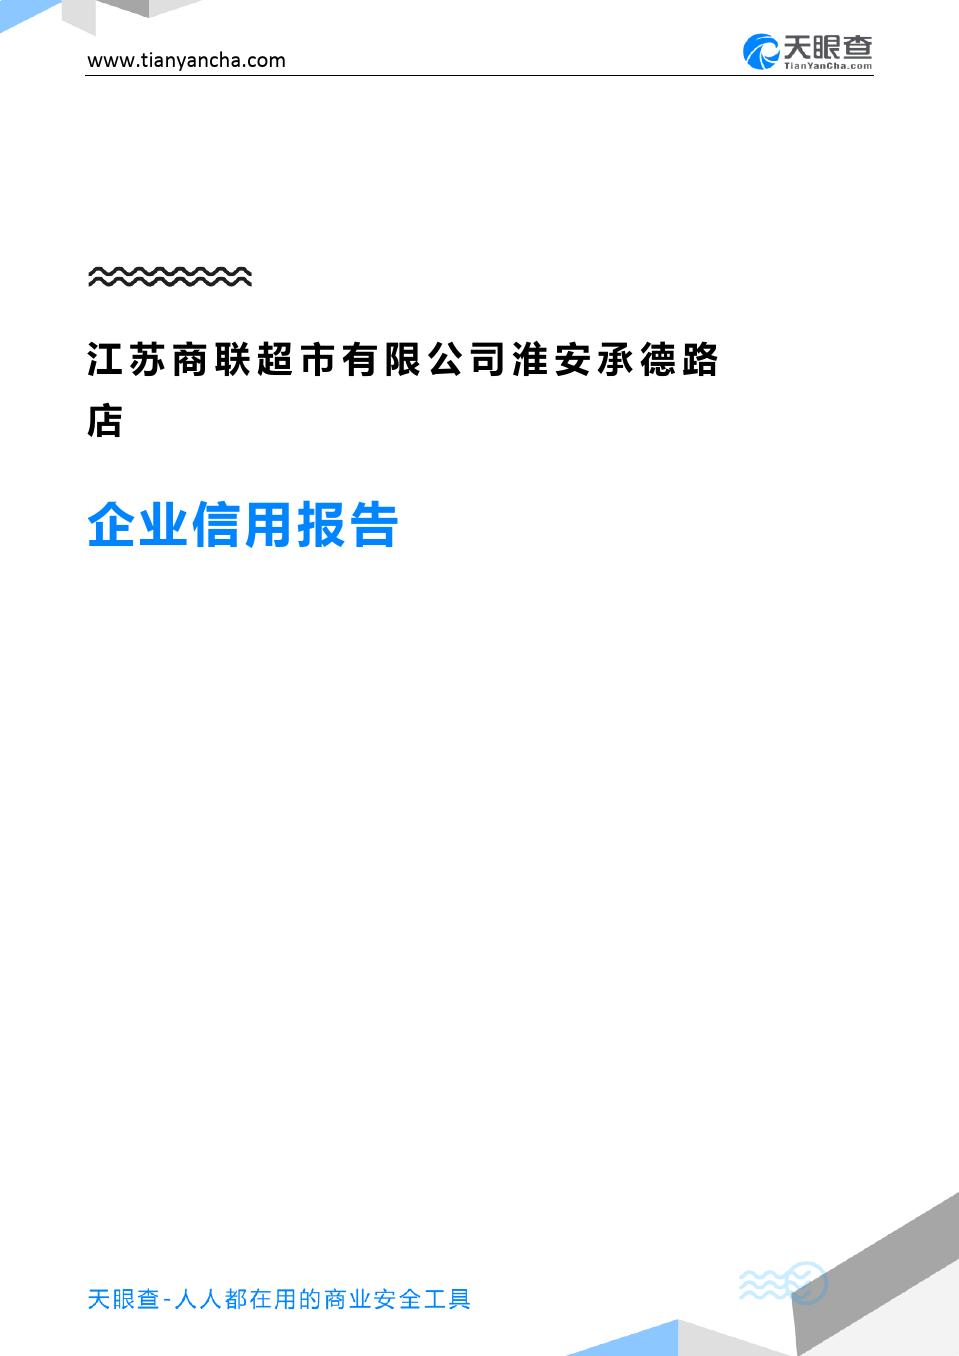 江苏商联超市有限公司淮安承德路店(企业信用报告)- 天眼查